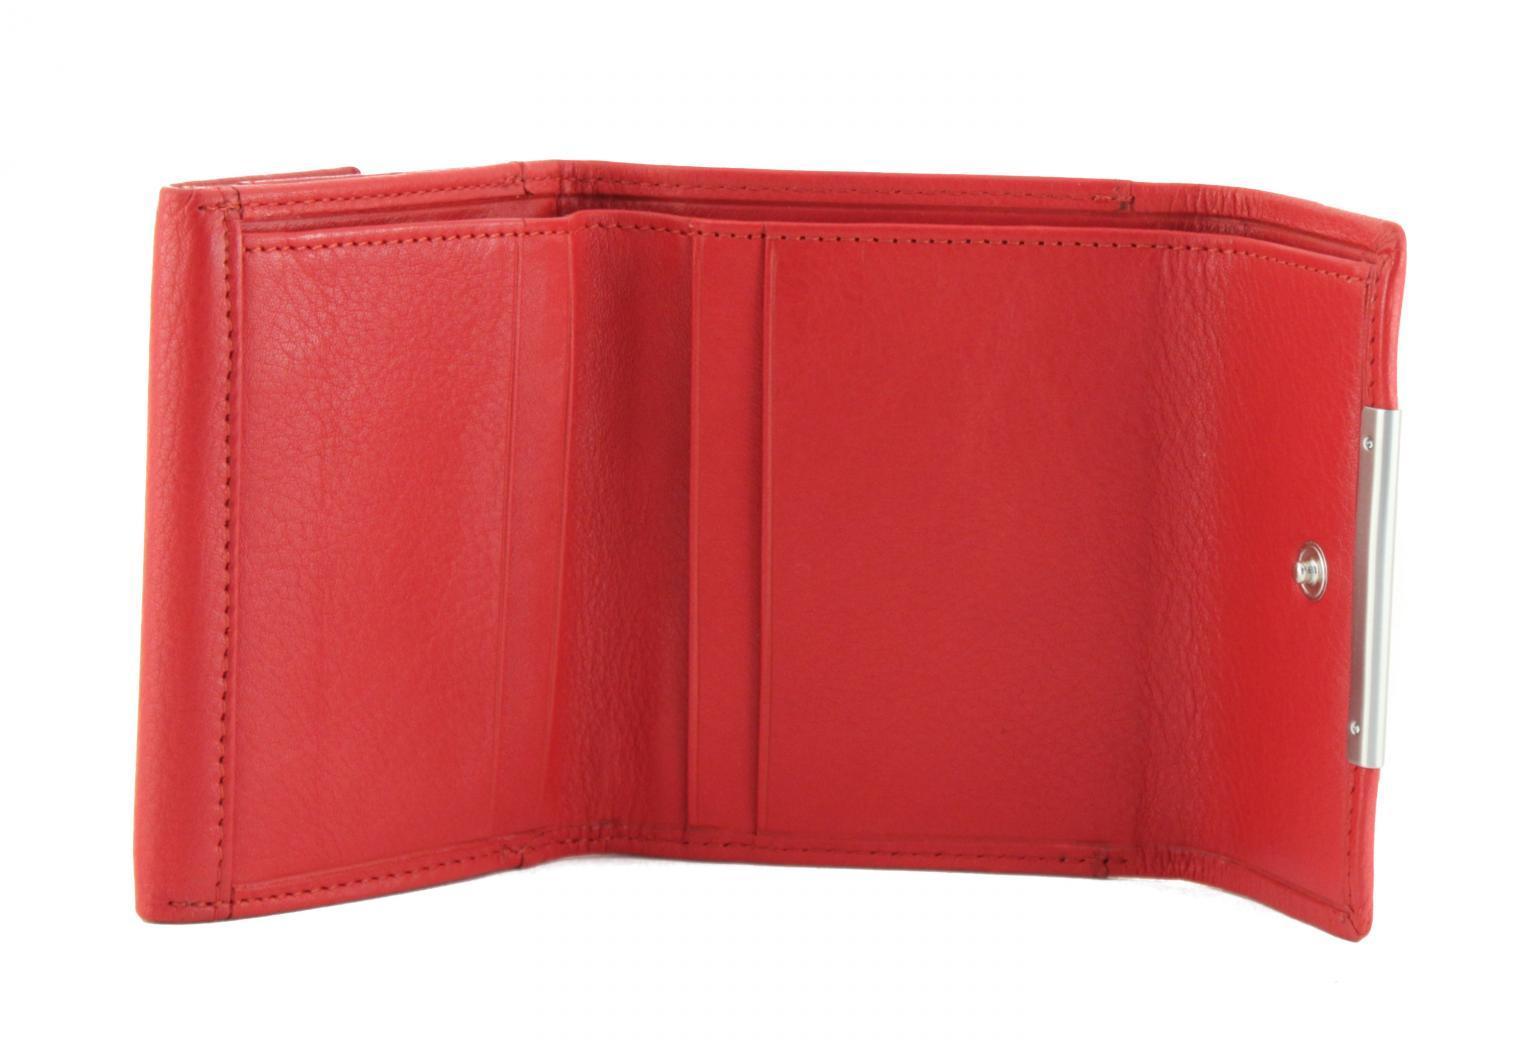 Maitre Geldtäschchen RFID Schutz Belg Deda SV4F schwarz Überschlag